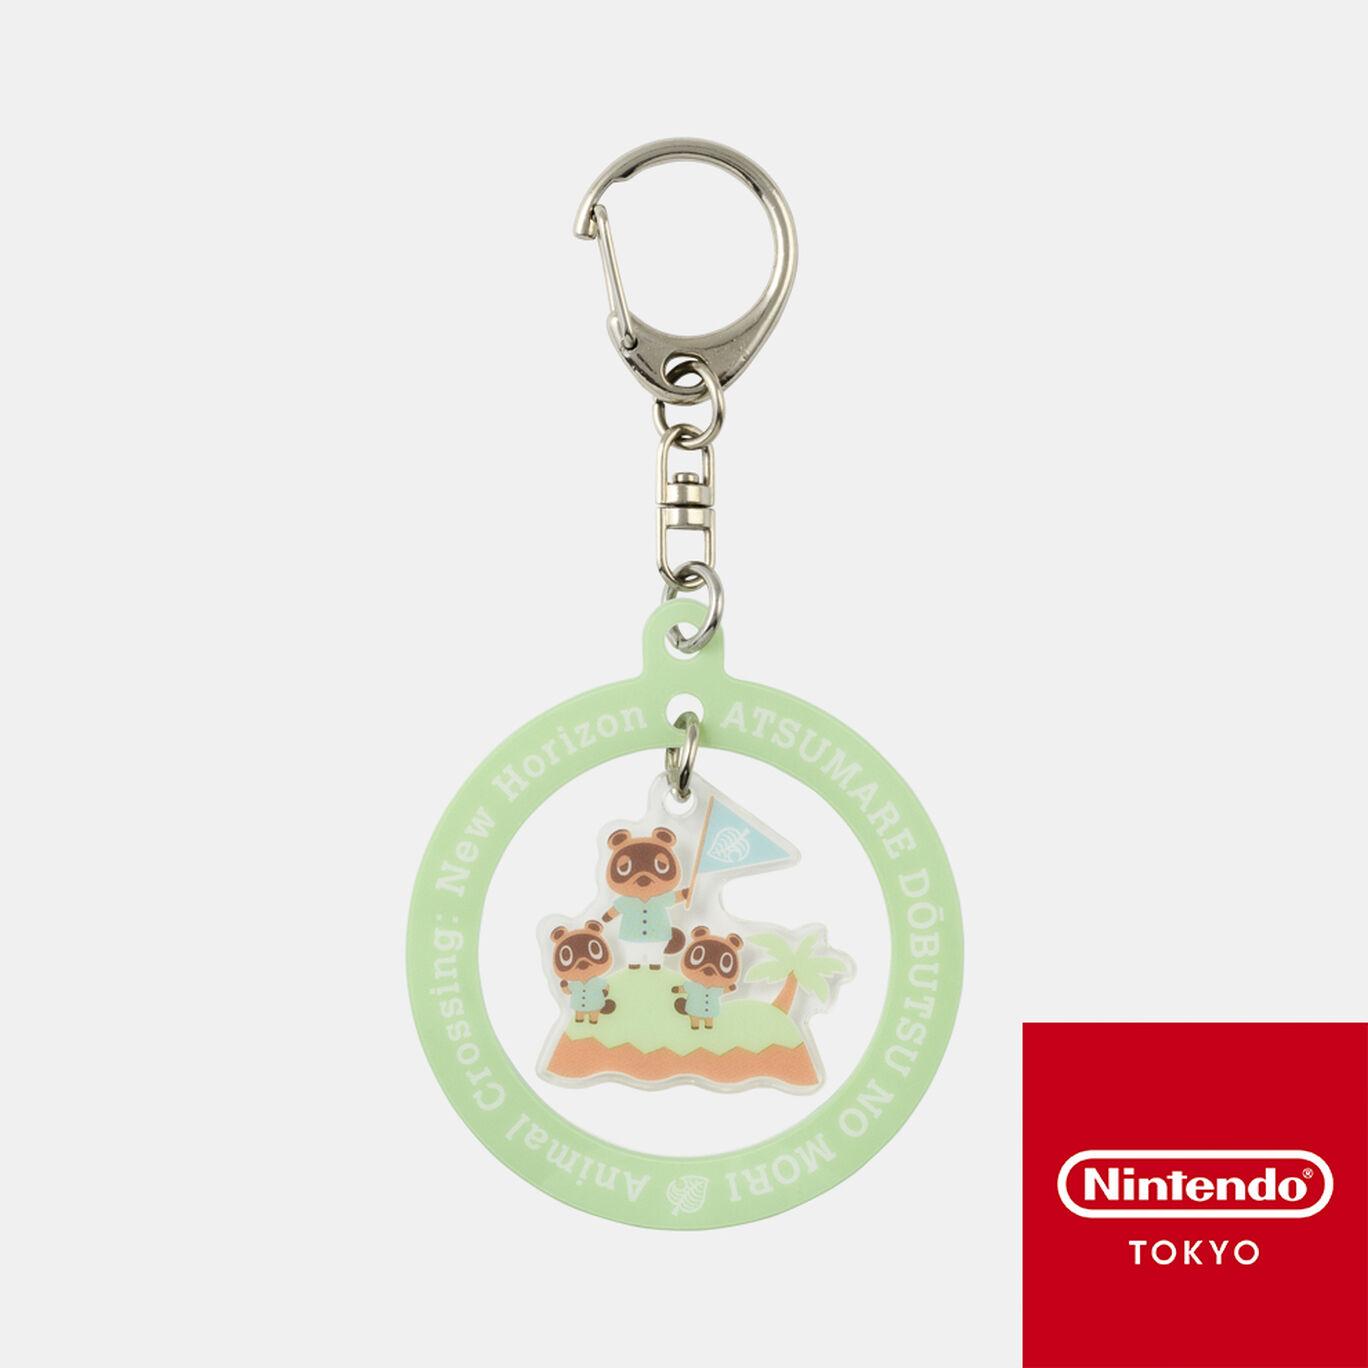 アクリルキーホルダー あつまれ どうぶつの森【Nintendo TOKYO取り扱い商品】